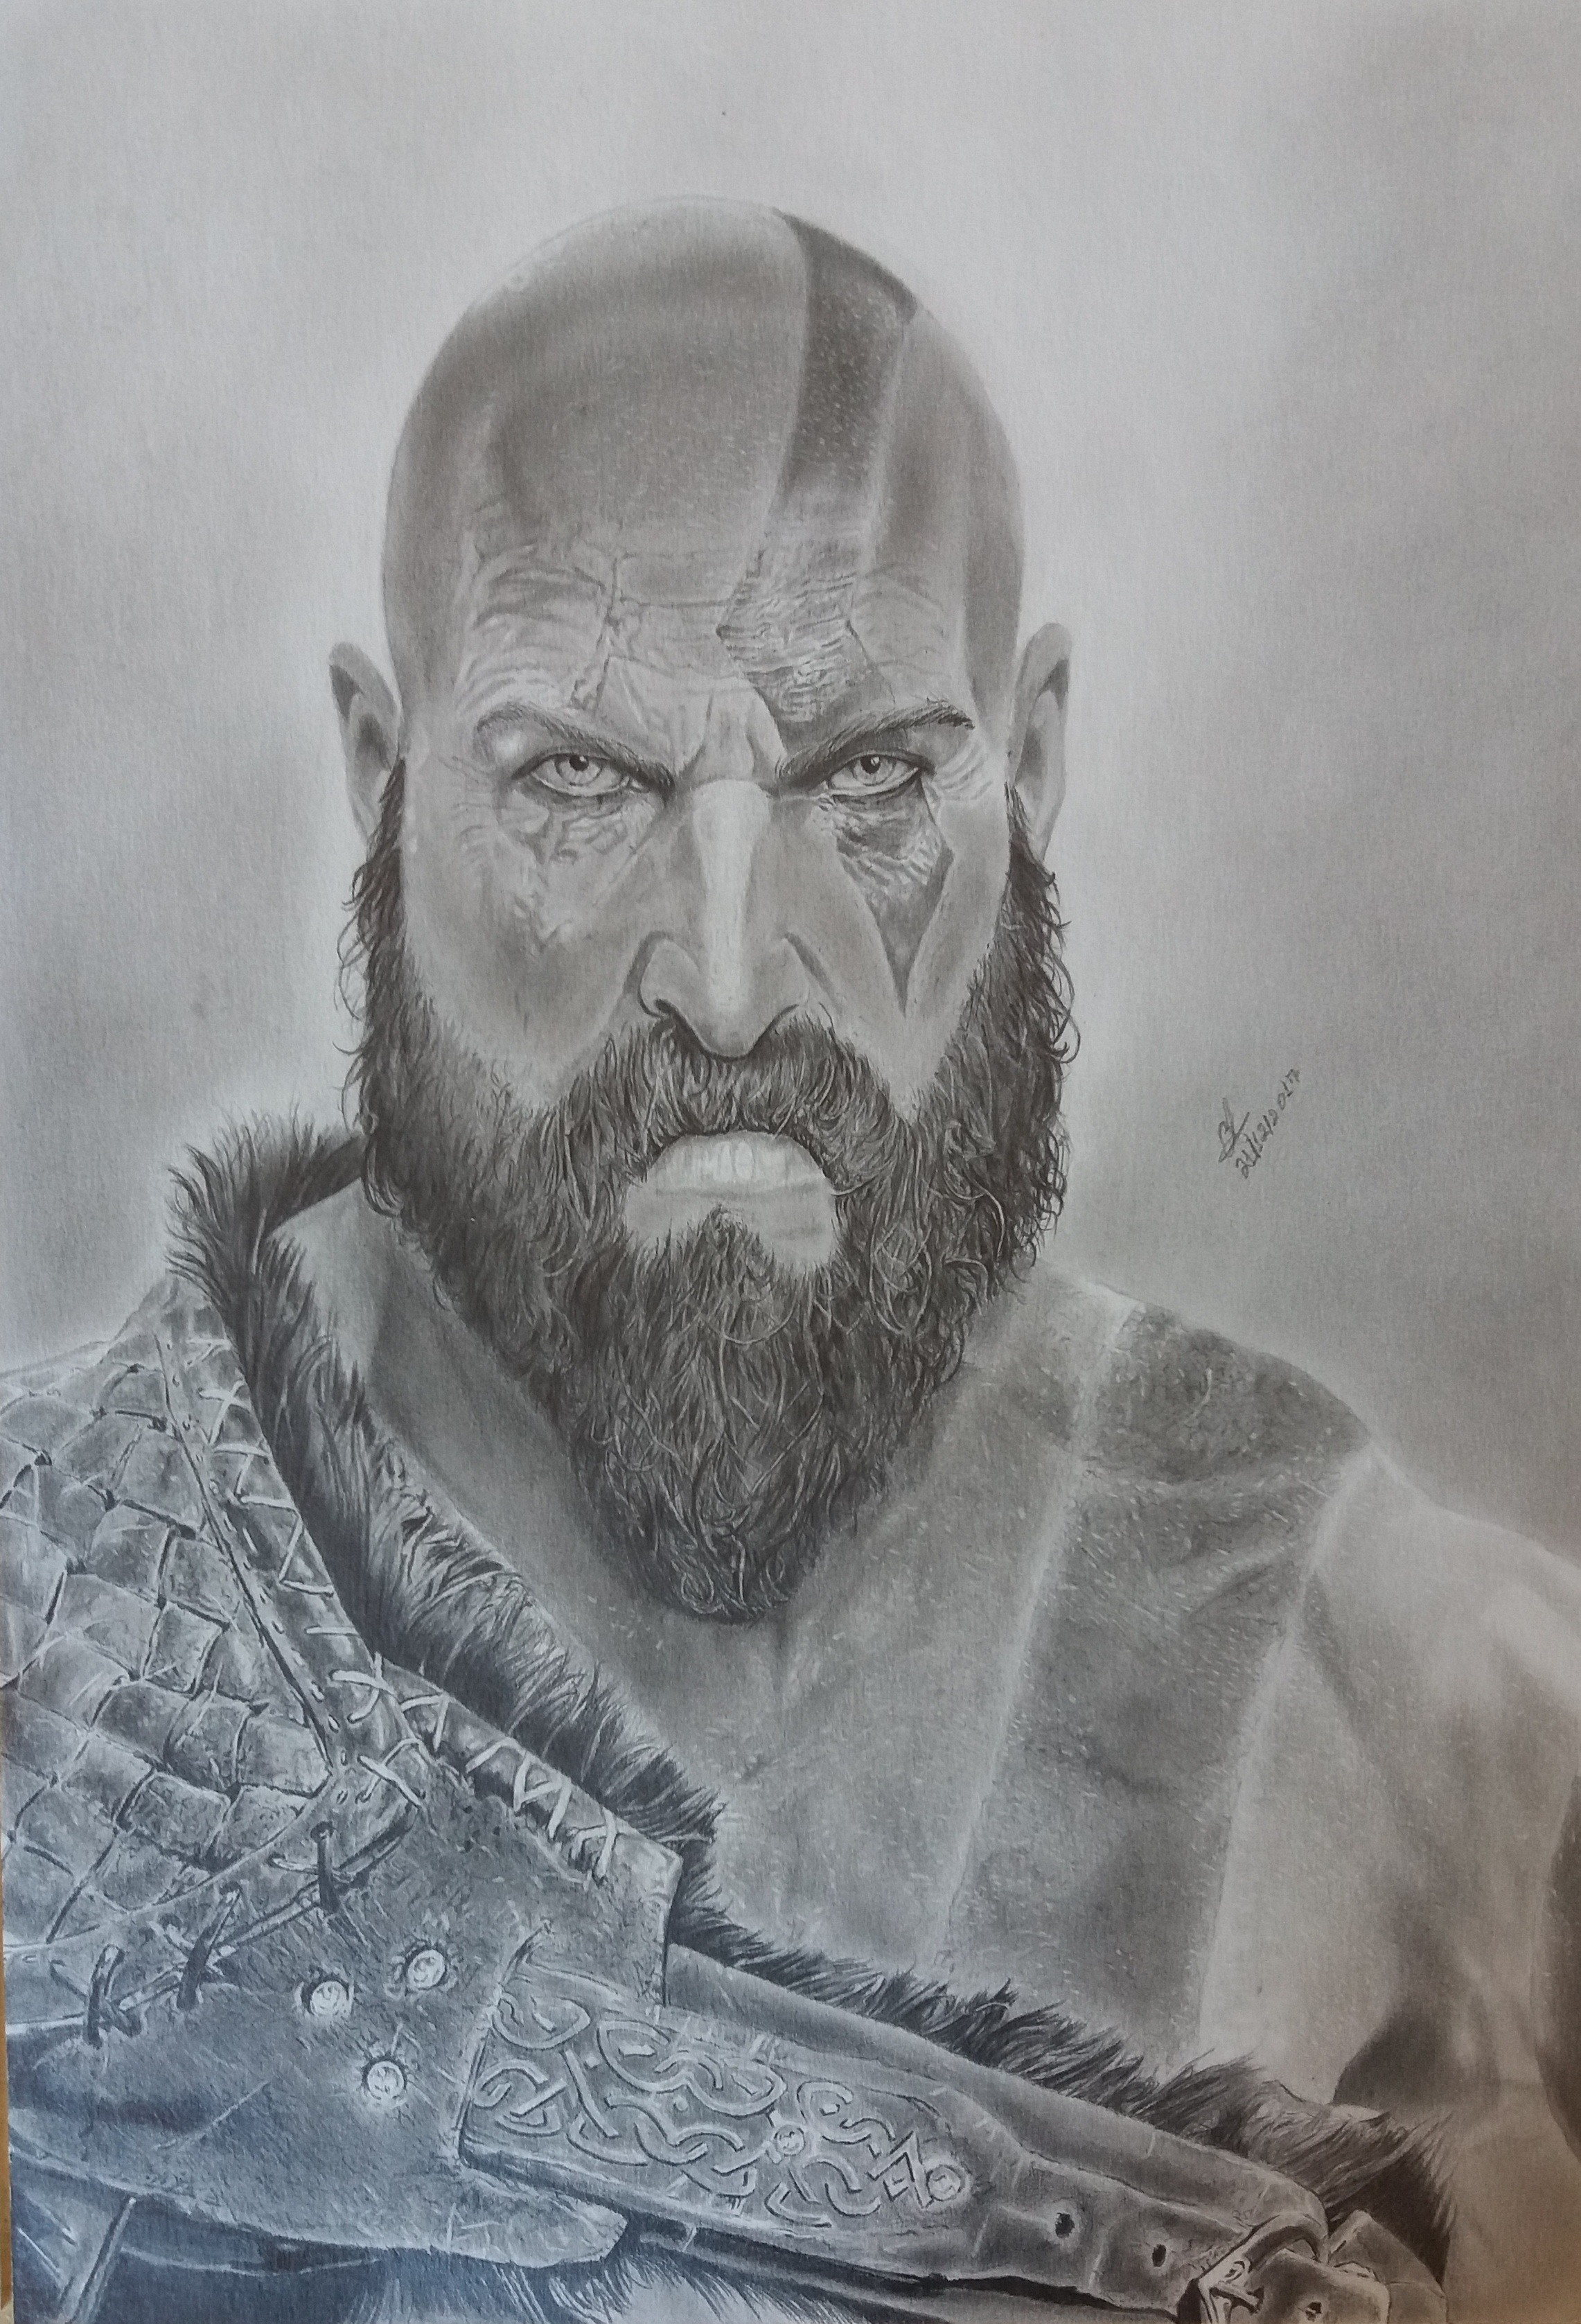 Desenho Realista Kratos God Of War Folha A3 No Elo7 Claudio